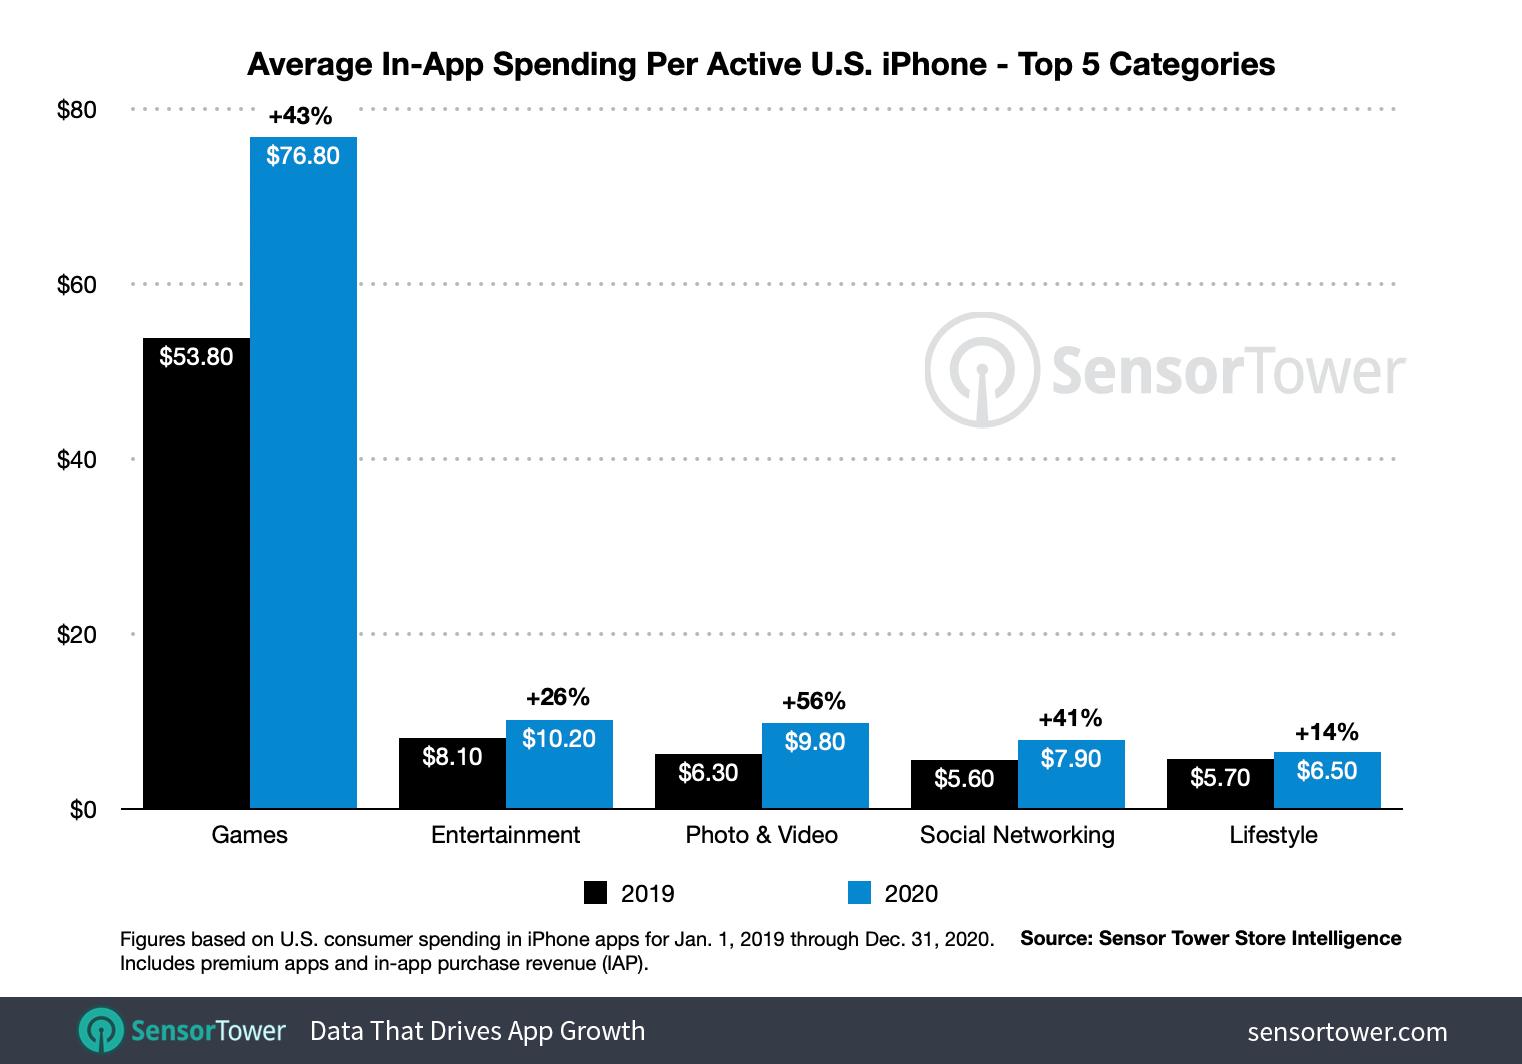 Владельцы iPhone в прошлом году тратили в разы больше денег на игры, чем на приложения и развлечения